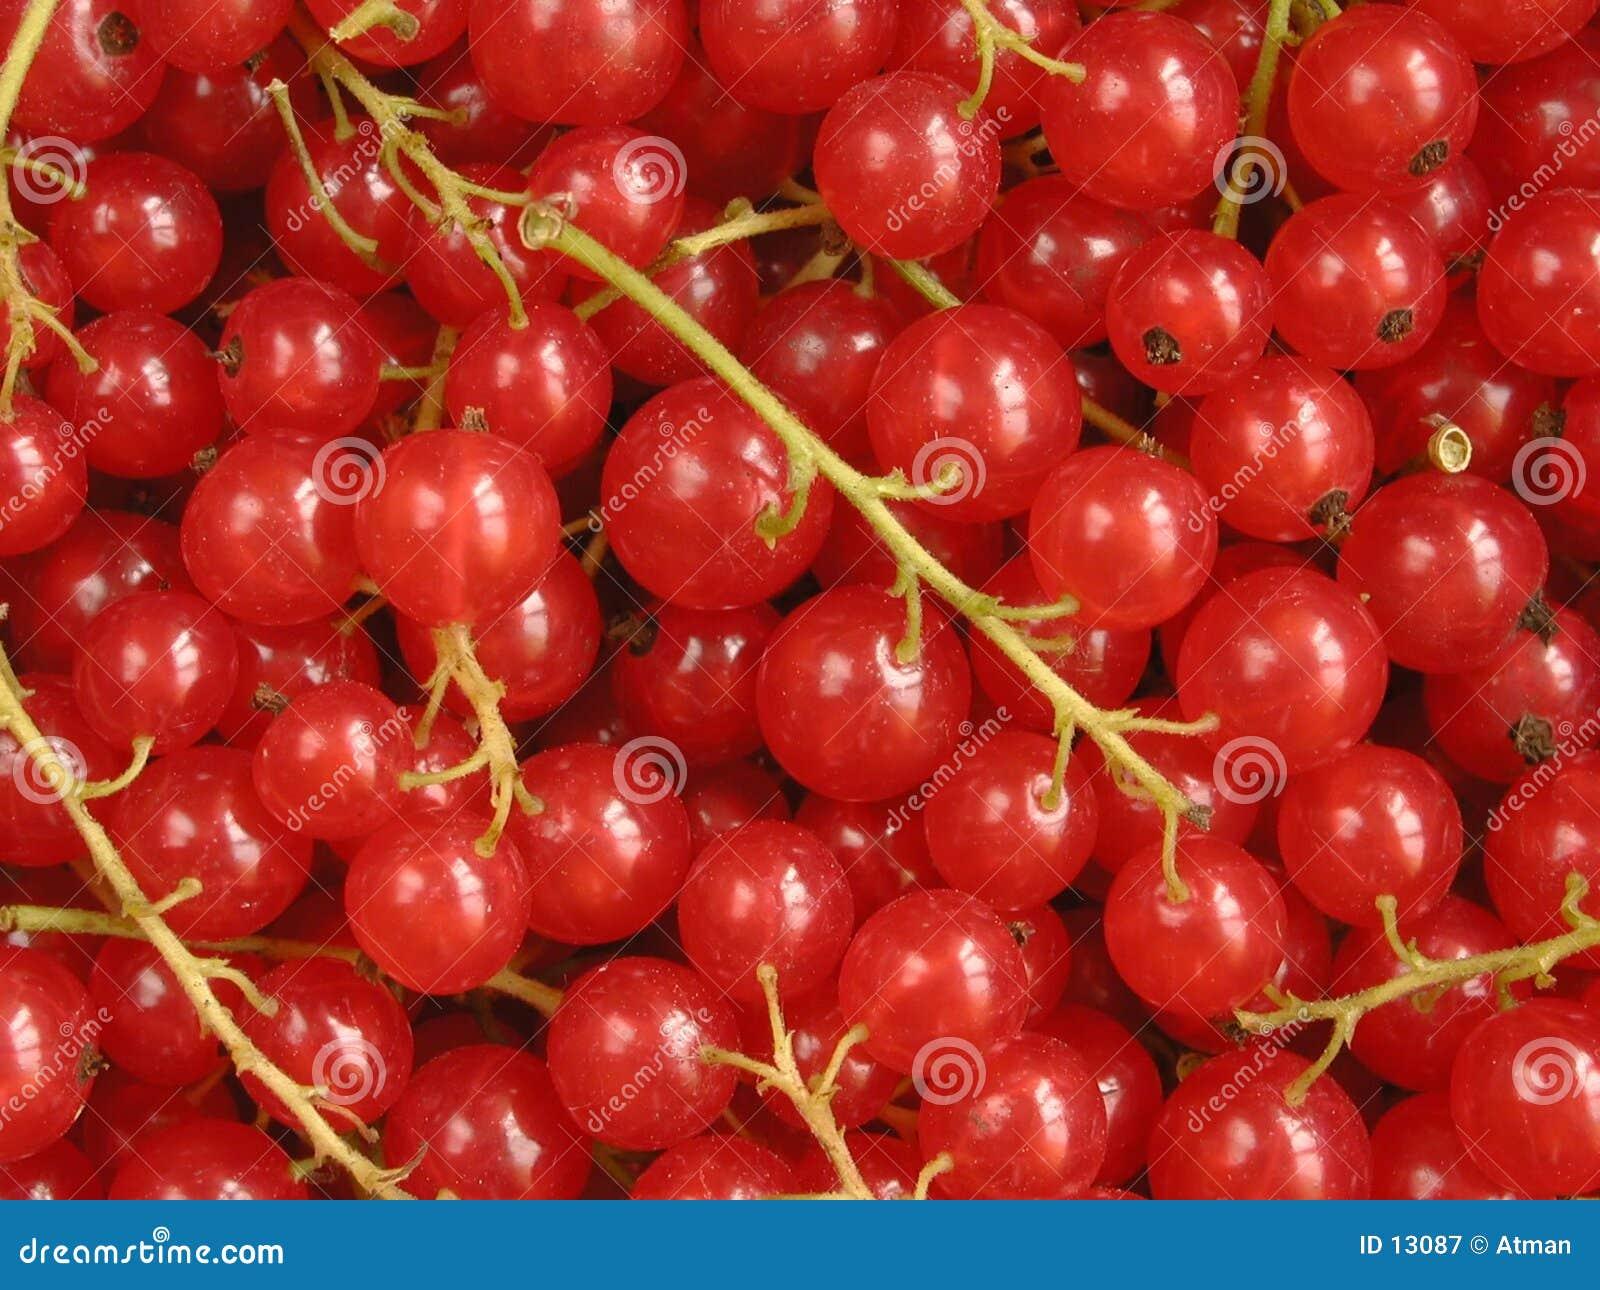 红色的无核小葡萄干